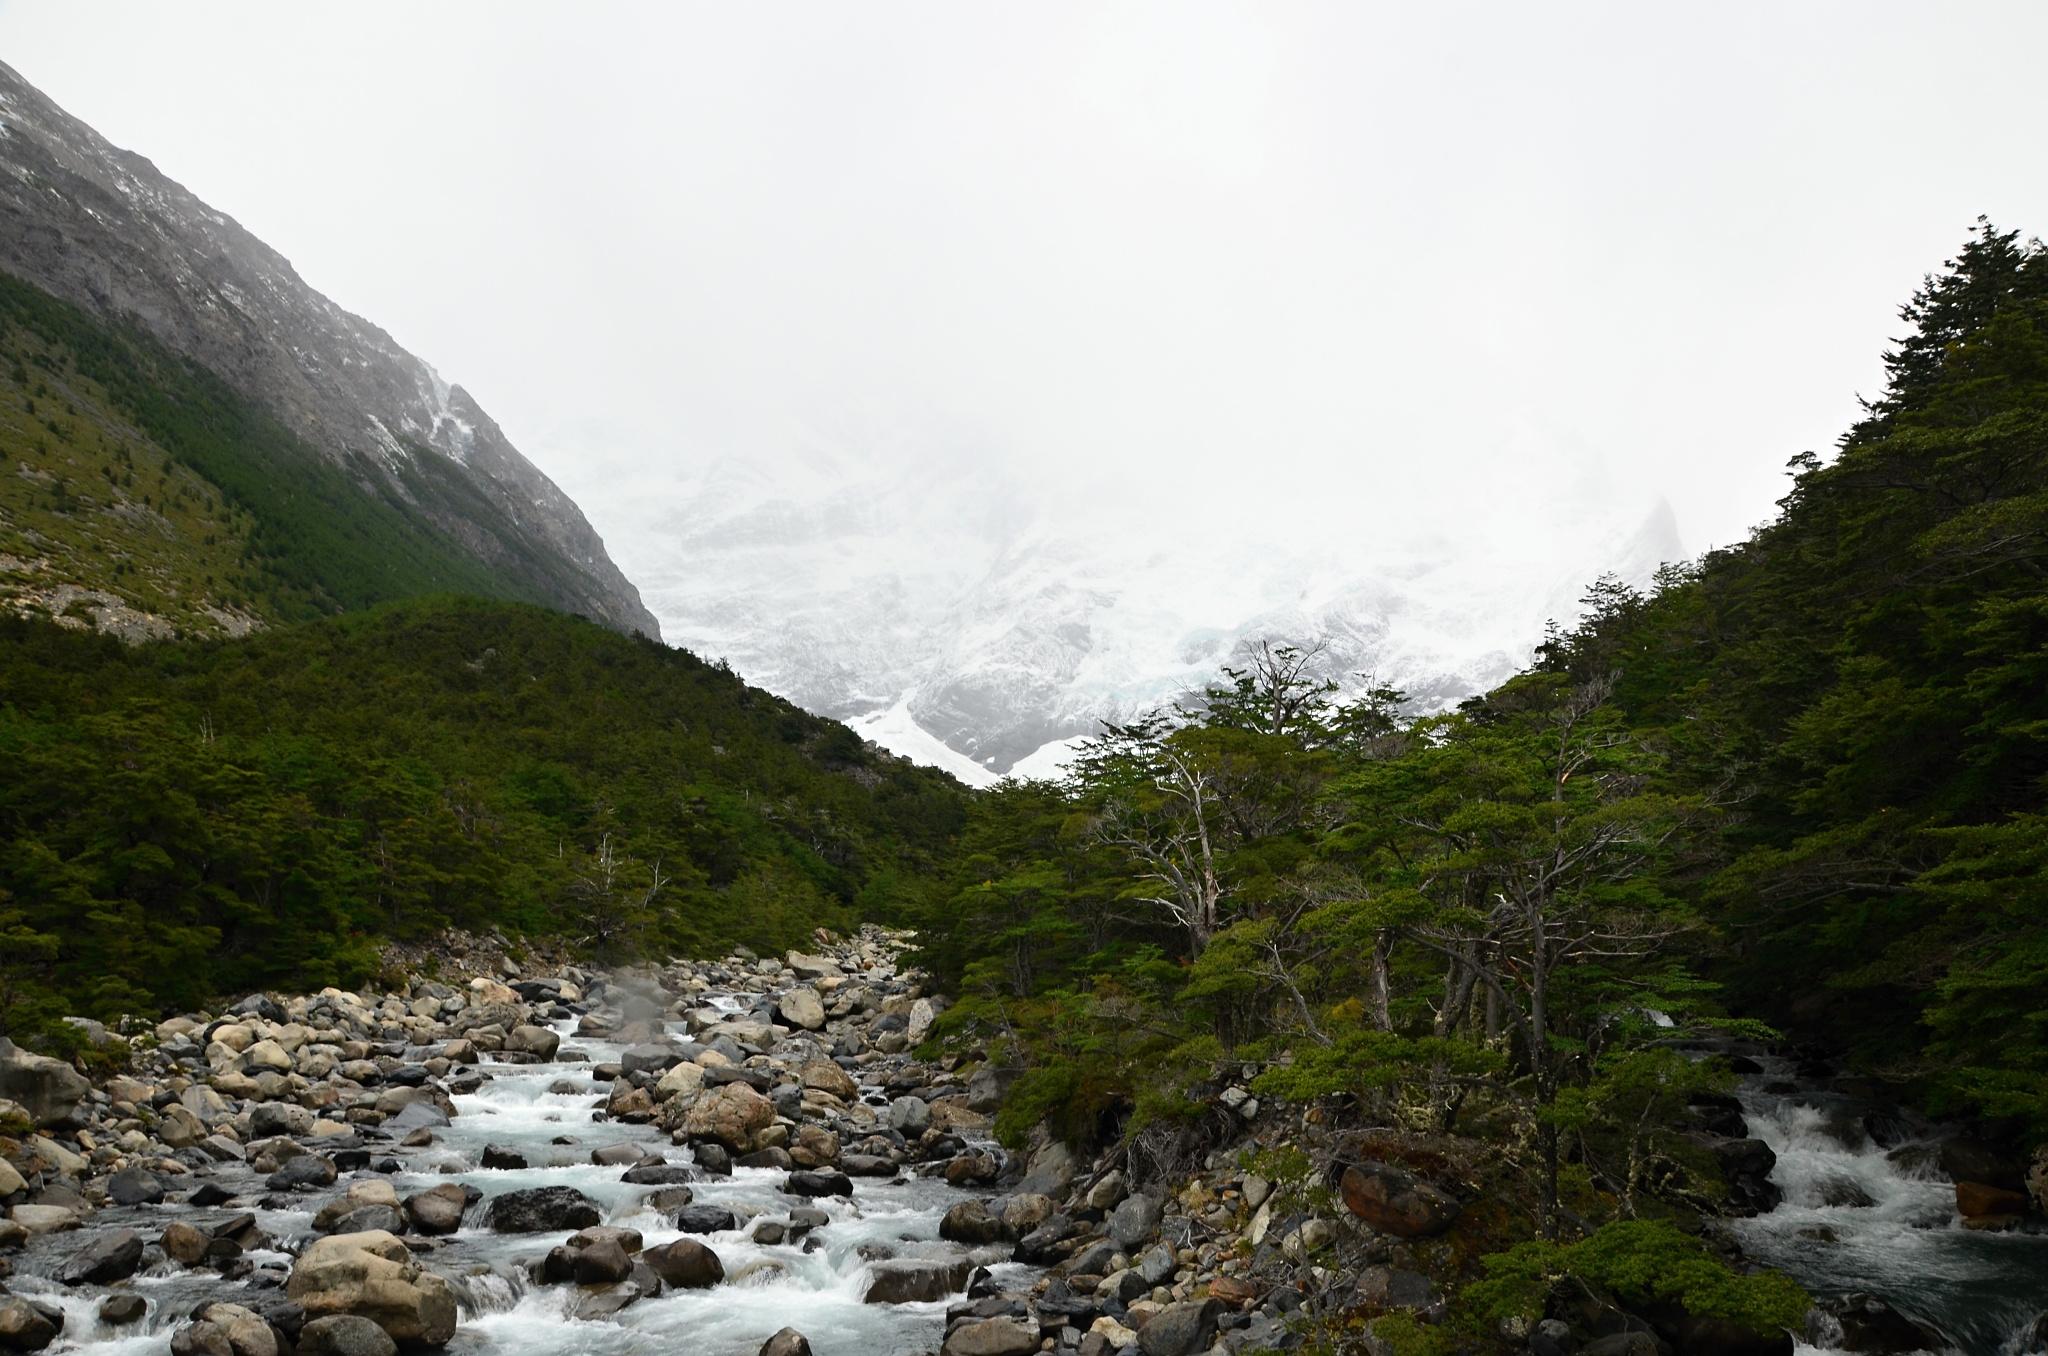 Řeka Francés a za ní ledovec stejného jména